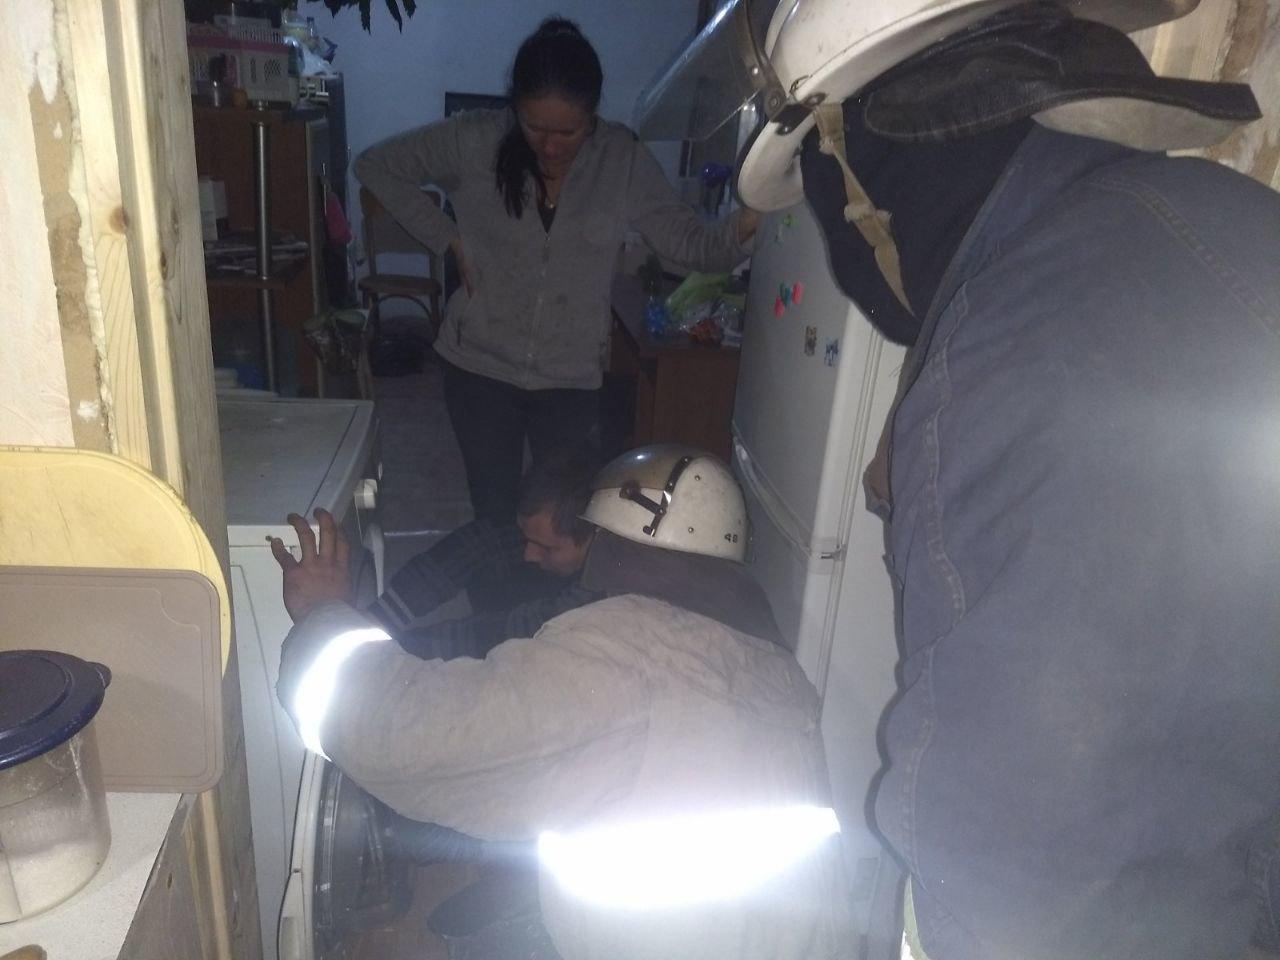 На Харьковщине спасатели помогли ребенку, который застрял в стиральной машине, - ФОТО, фото-2